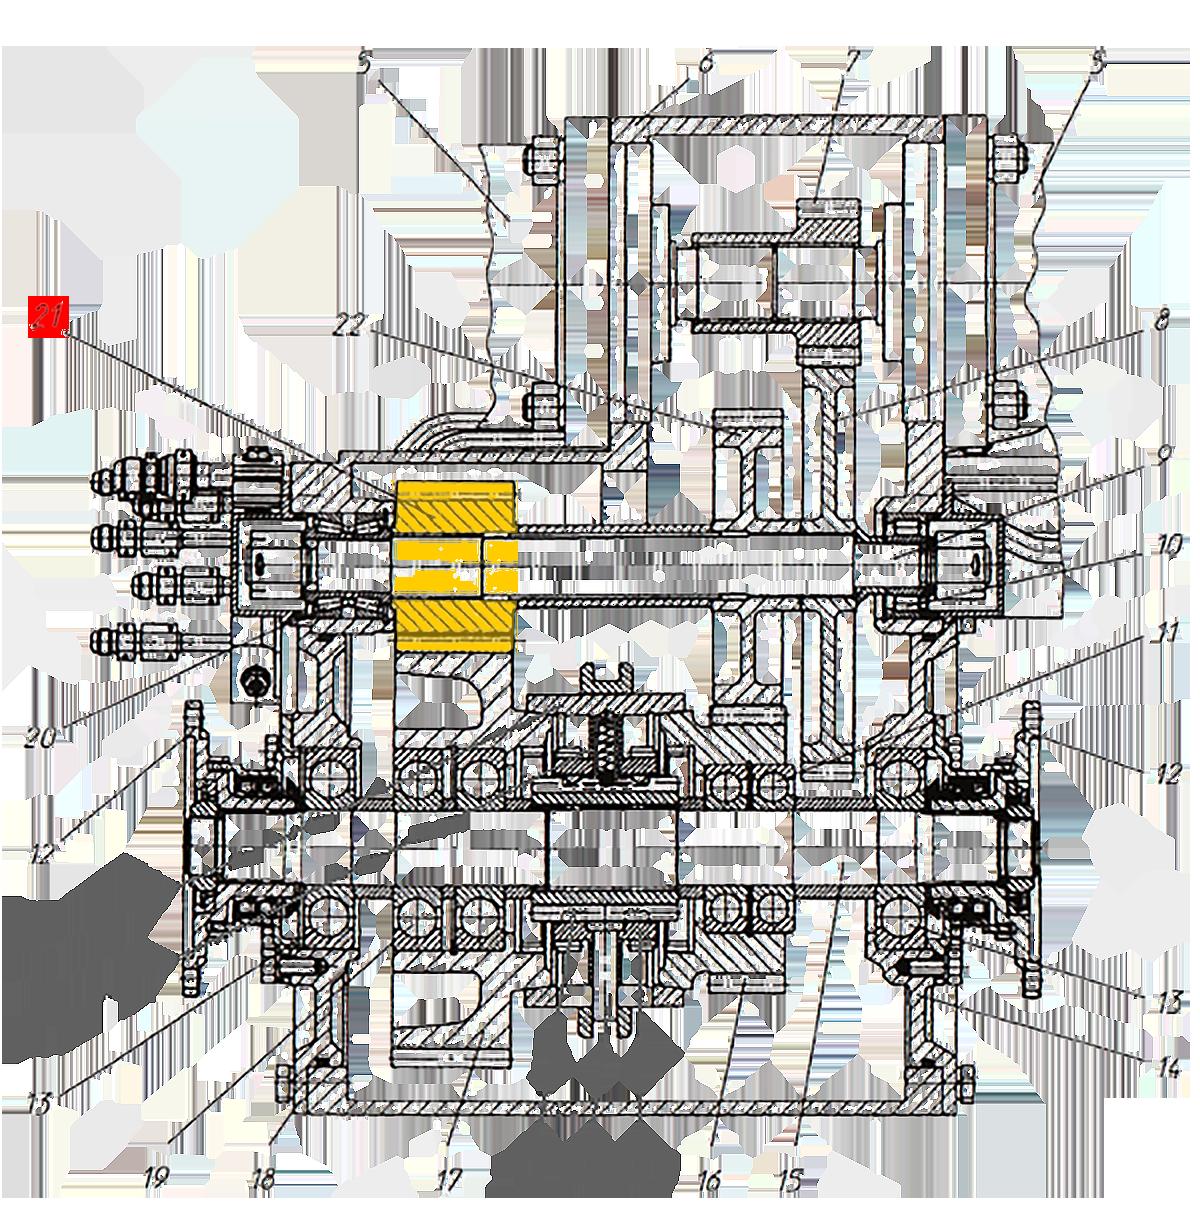 Шестерня Э20.01.02.082 коробки передач ЭО-33211